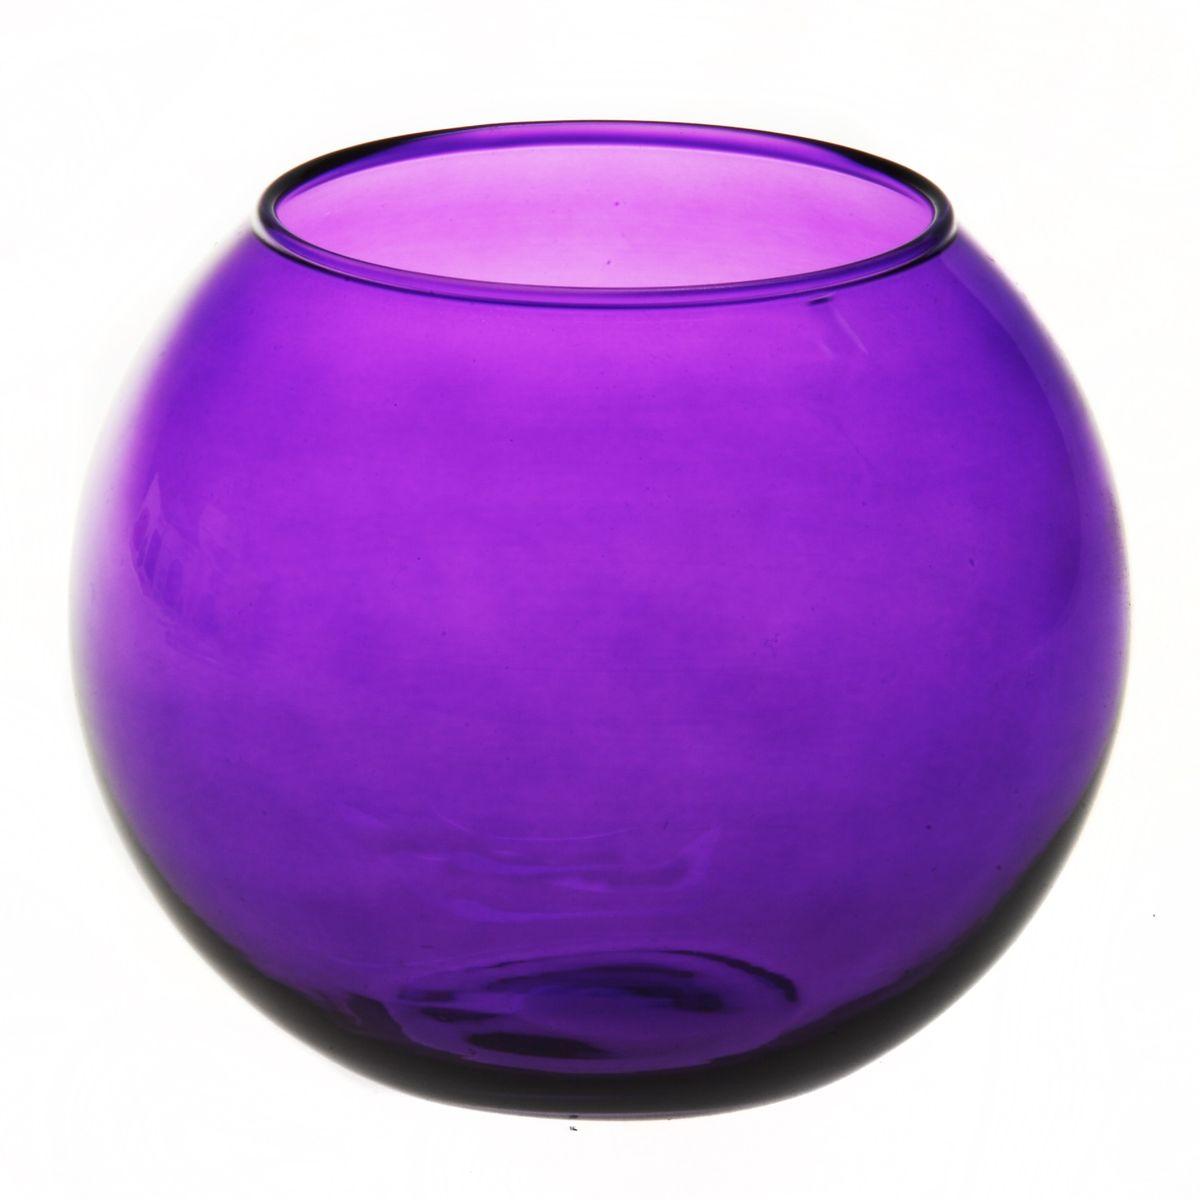 Ваза Workshop Flora, цвет: фиолетовый, высота 11 см43417PRВаза Workshop Flora, выполненная из натрий-кальций-силикатного стекла, сочетает в себе изысканный дизайн с максимальной функциональностью. Круглая ваза имеет гладкие одноцветные стенки. Она идеально подойдет для мелких цветов. Такая ваза придется по вкусу и ценителям классики, и тем, кто предпочитает утонченность и изысканность. Высота вазы: 11 см. Диаметр вазы (по верхнему краю): 7,9 см.